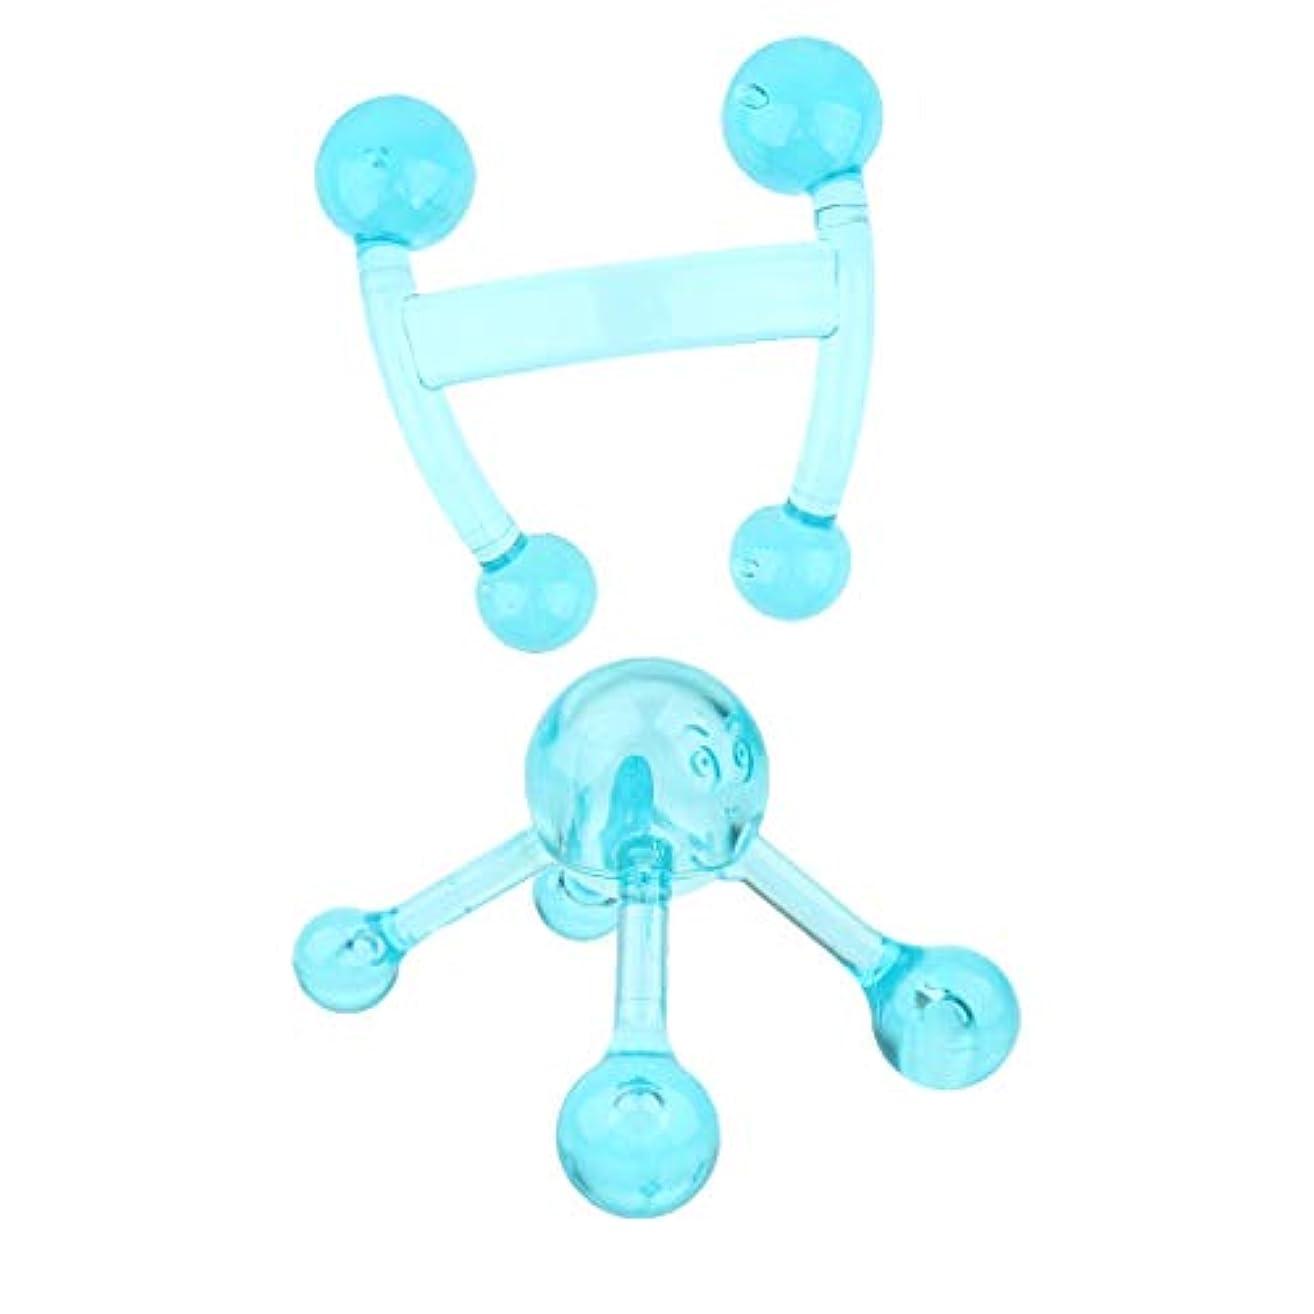 可能性プーノ時計dailymall 首の肩の弛緩のための2x深いティッシュのマッサージ用具の手持ち型のマッサージャー